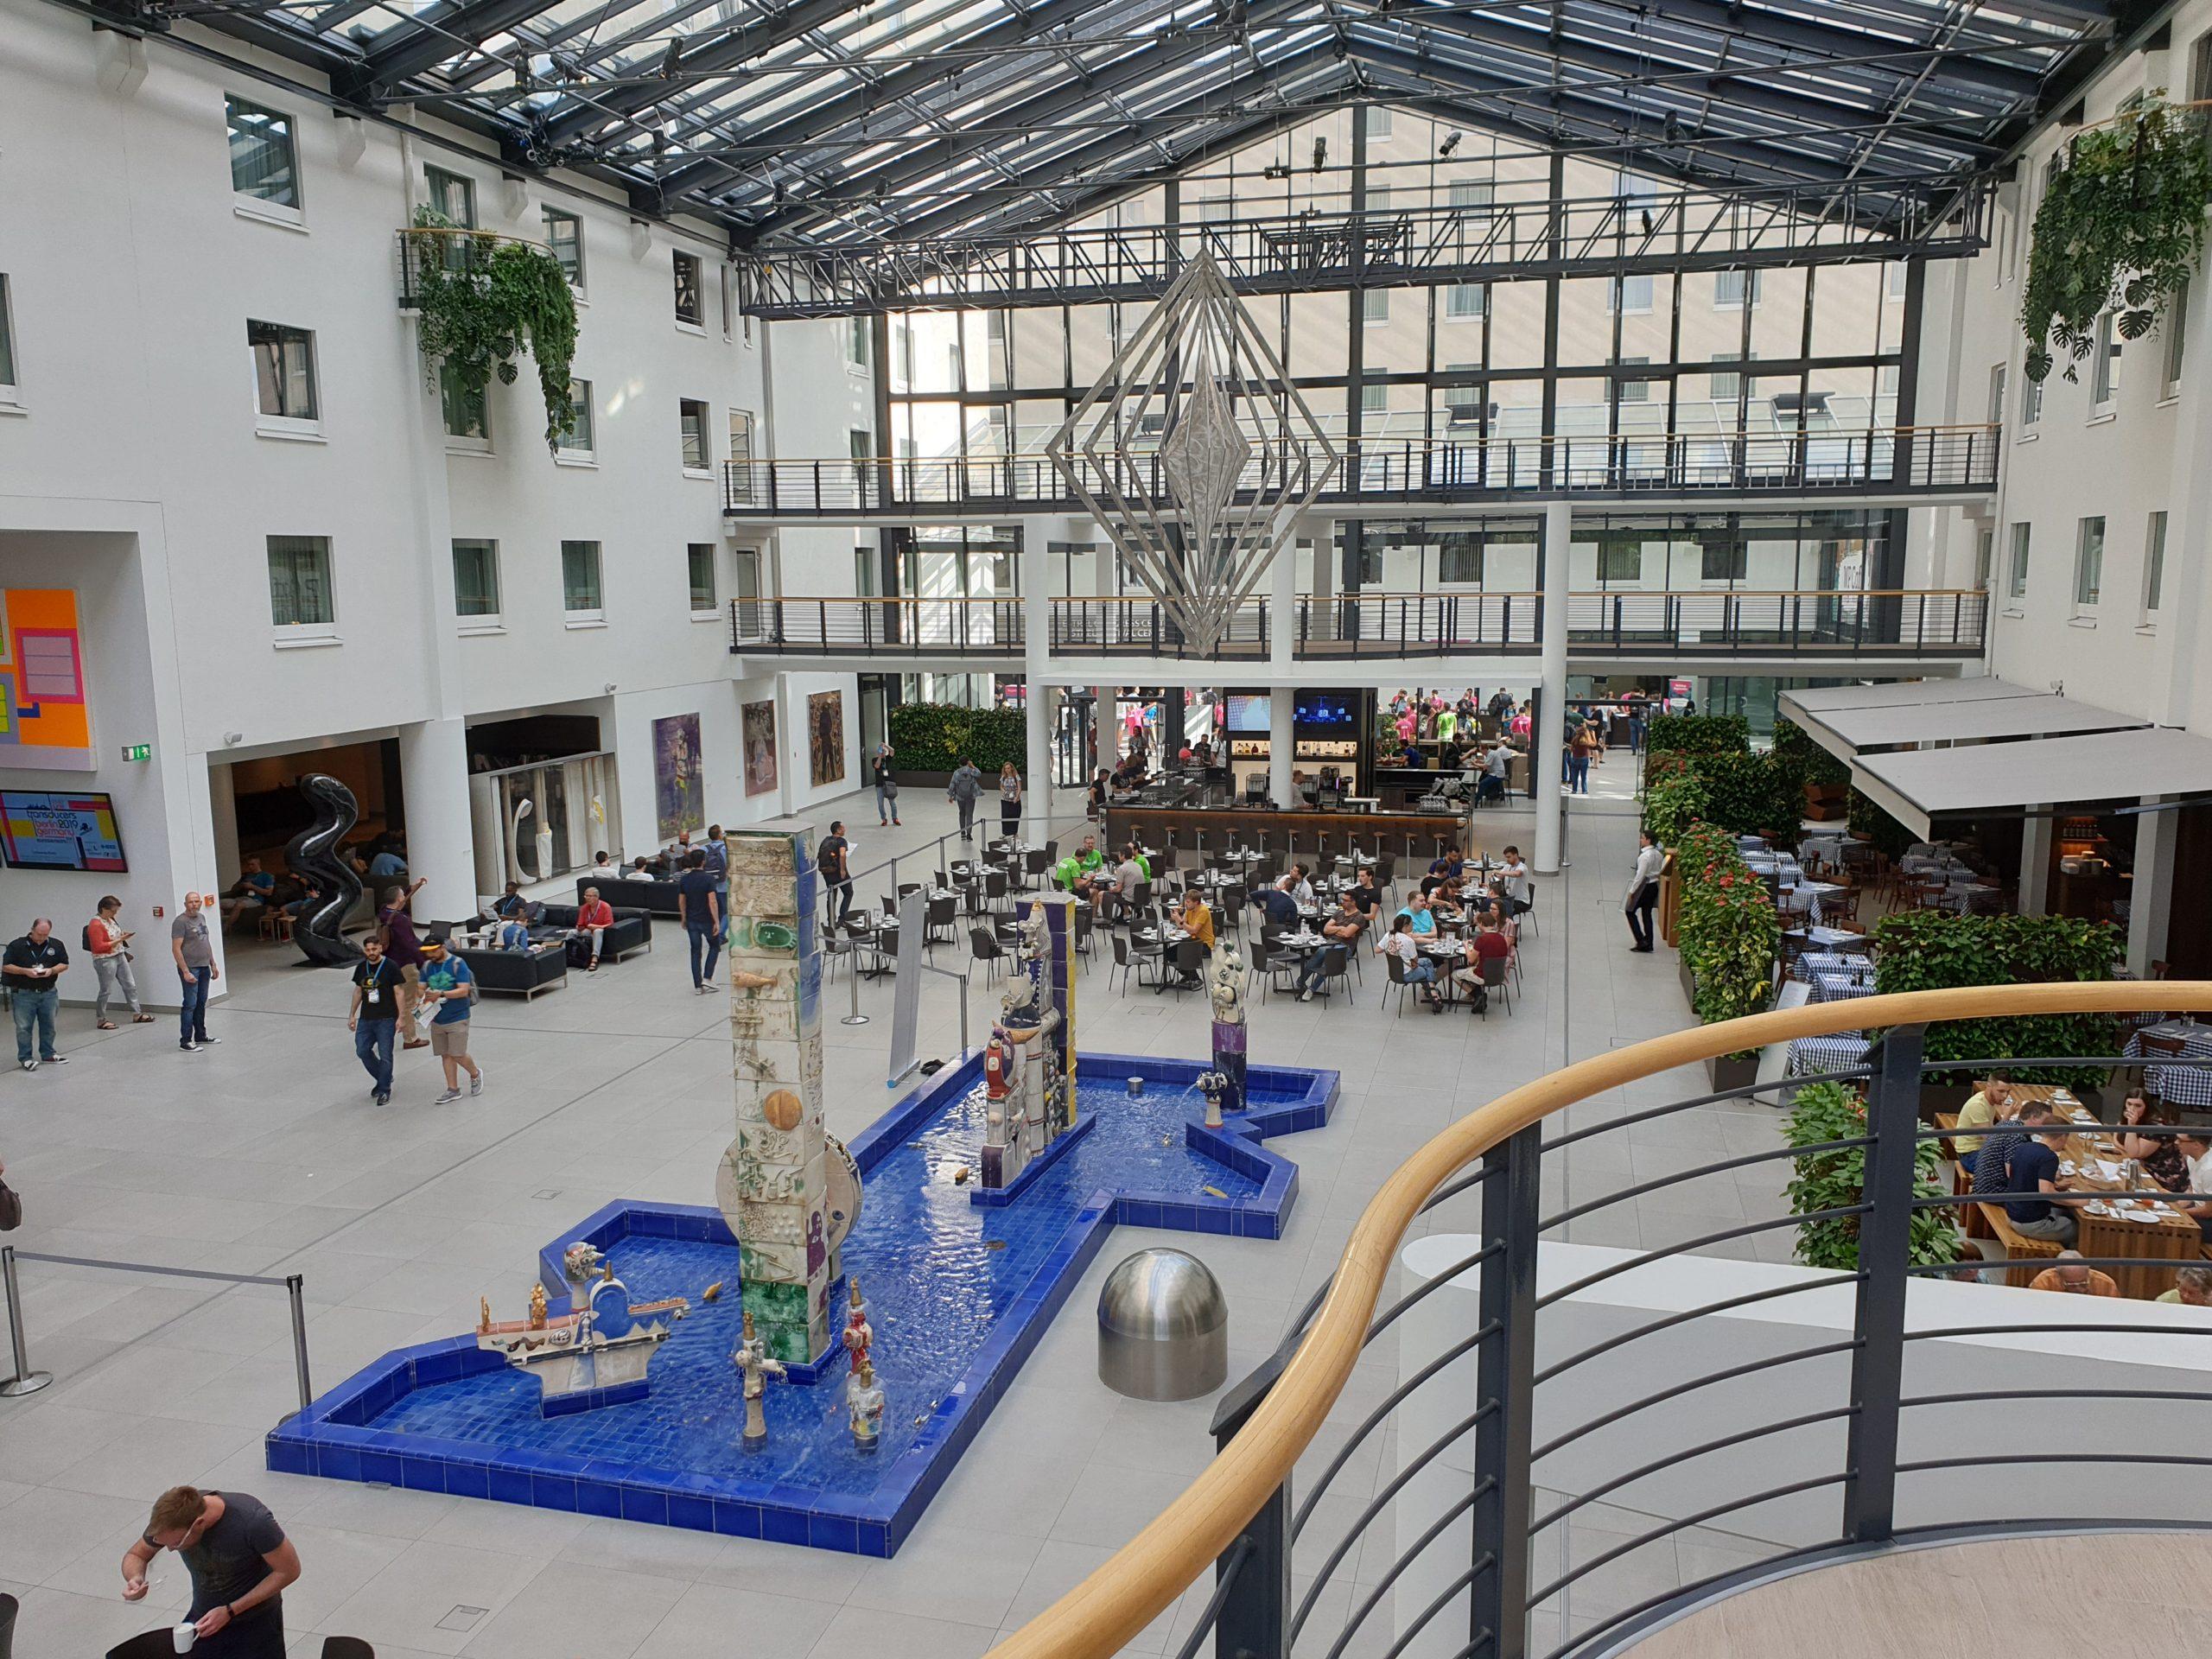 Atrium-Halle im Estrel Berlin